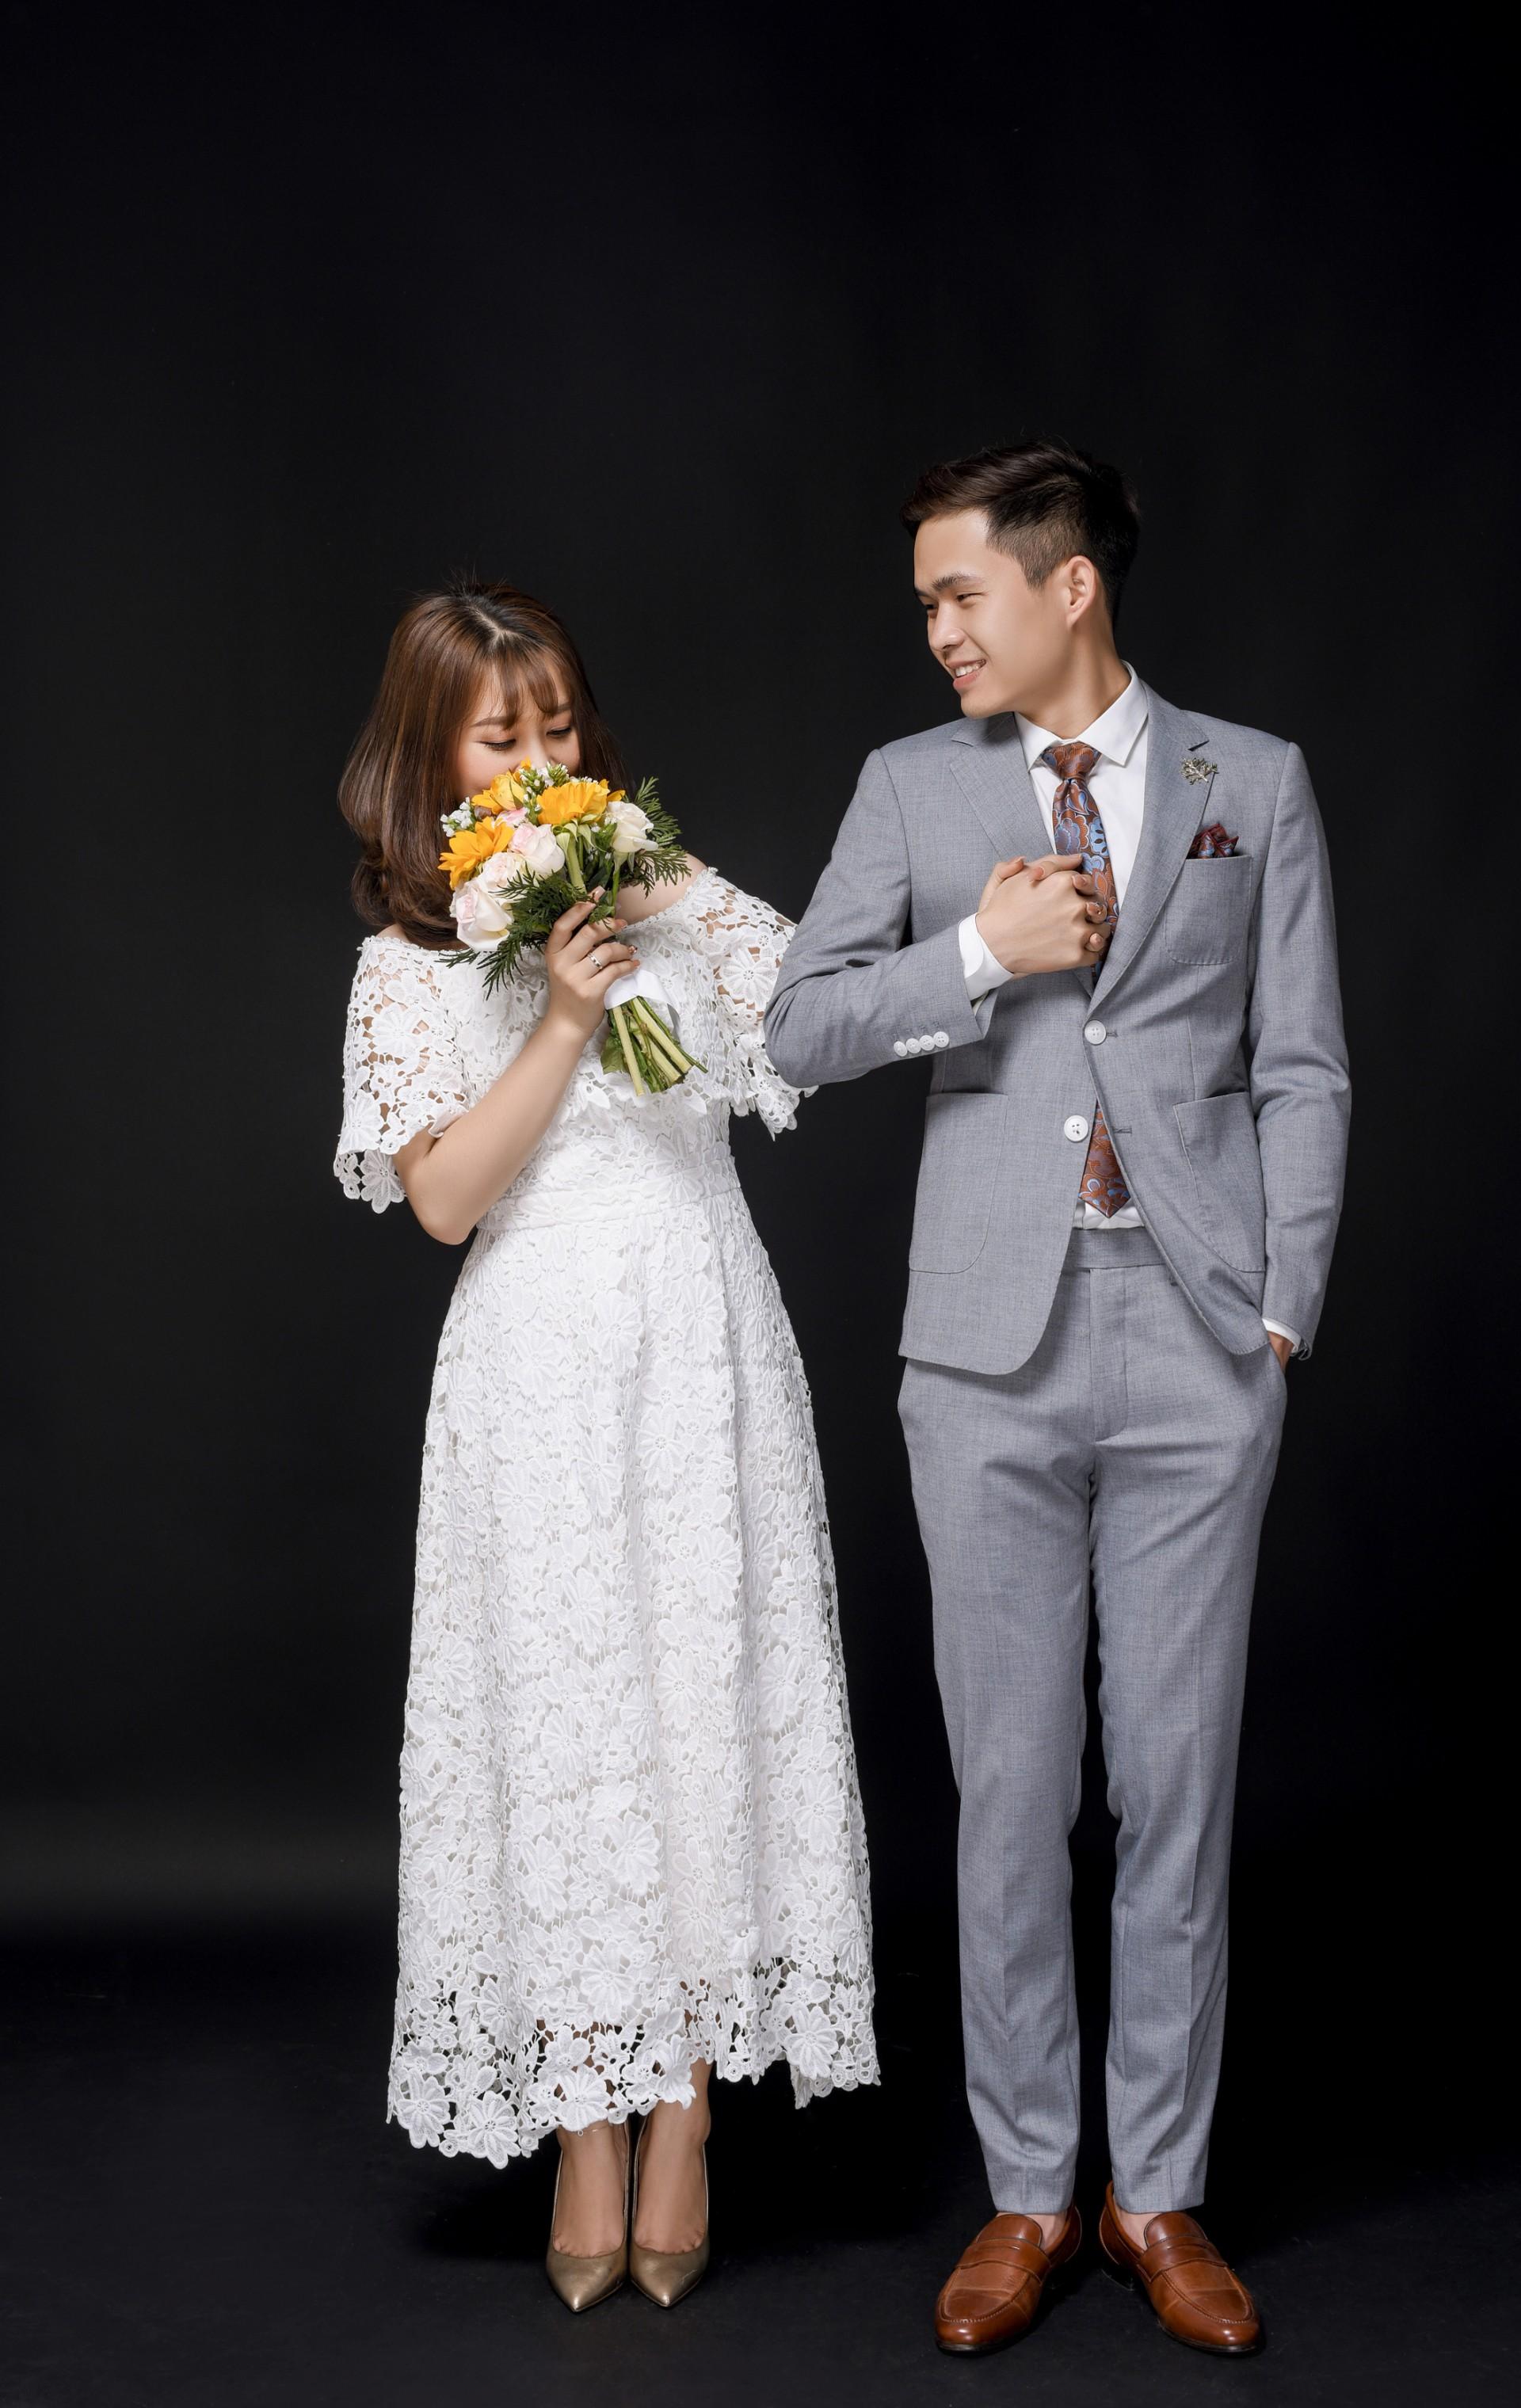 Xếp hạng 5 Studio chụp ảnh cưới đẹp và chất lượng nhất quận Lê Chân, Hải Phòng -  An Trang Wedding